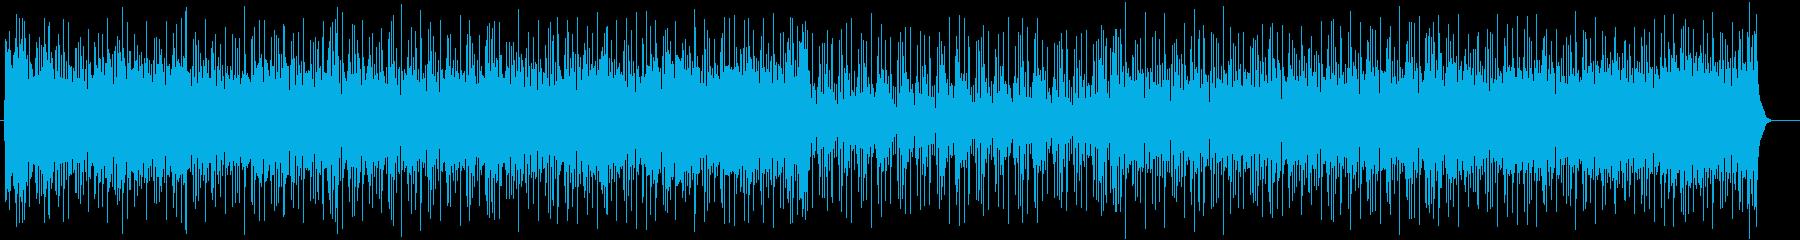 元気になれるテクノポップの再生済みの波形